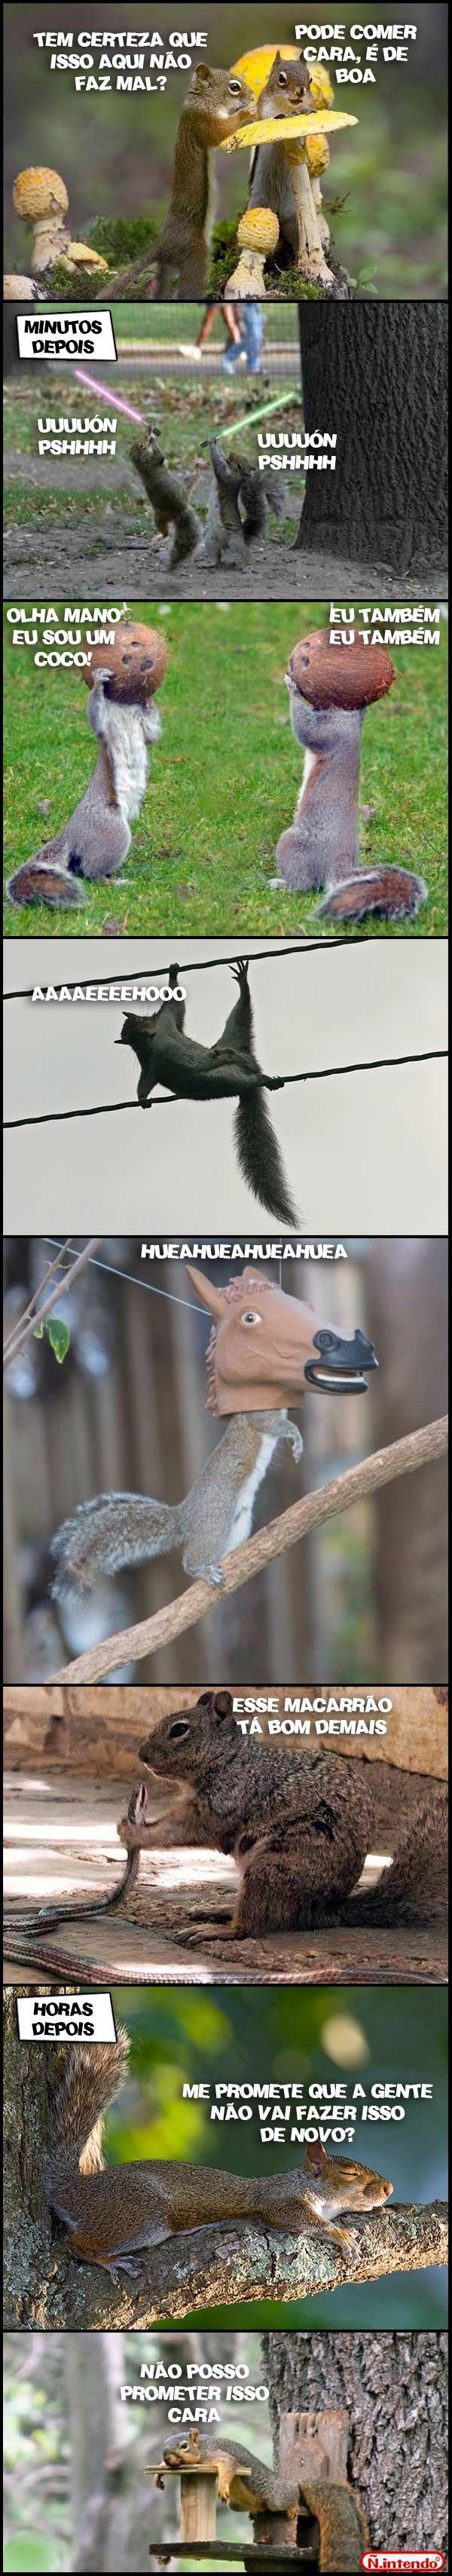 Os dois esquilos doidos! aheehuehu